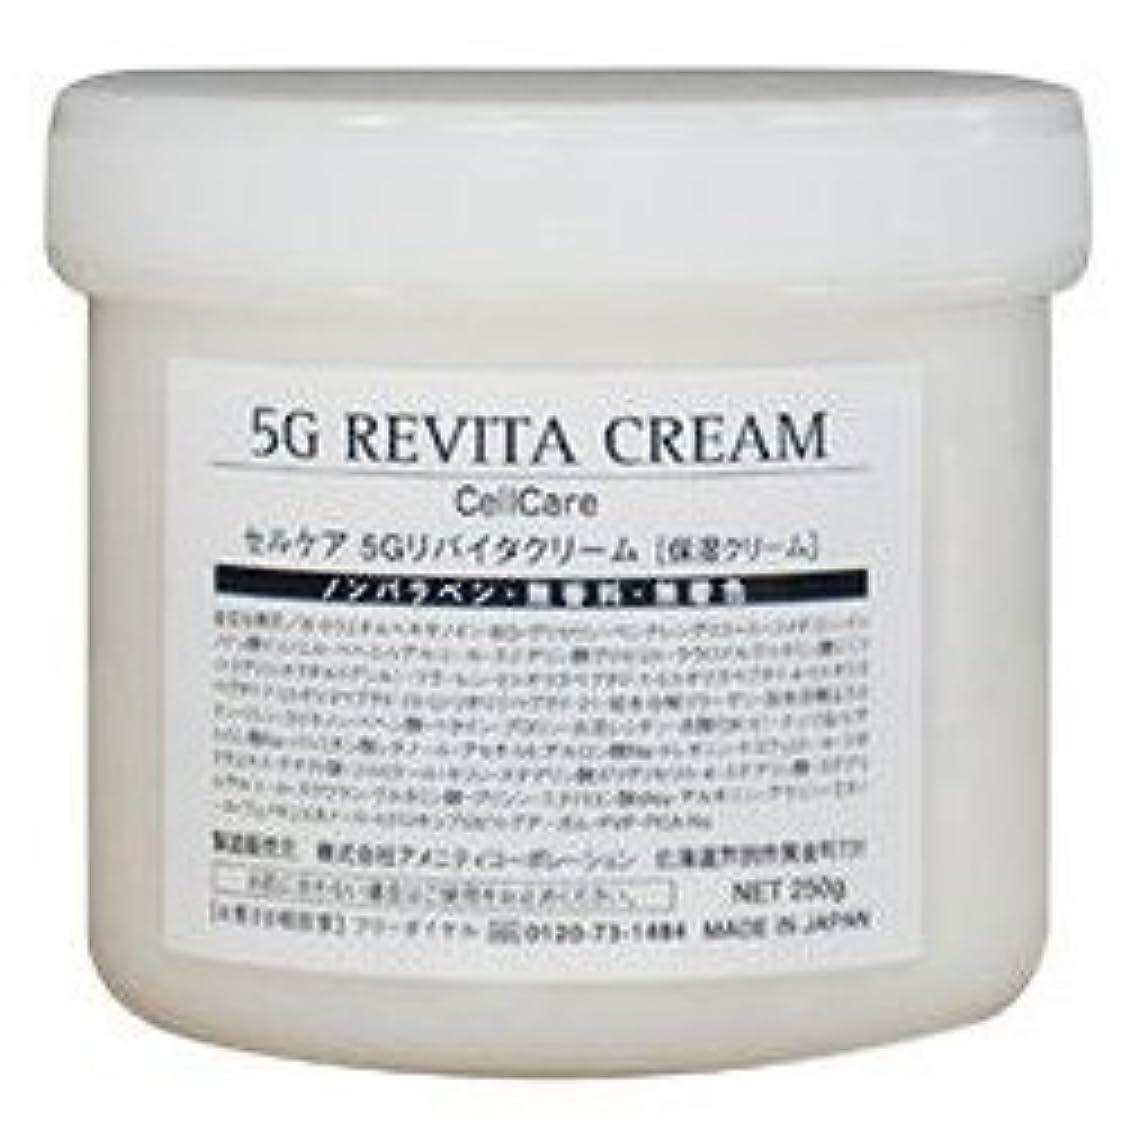 キャンペーン毛細血管振り子セルケアGF プレミアム 5Gリバイタルクリーム 保湿クリーム お徳用250g